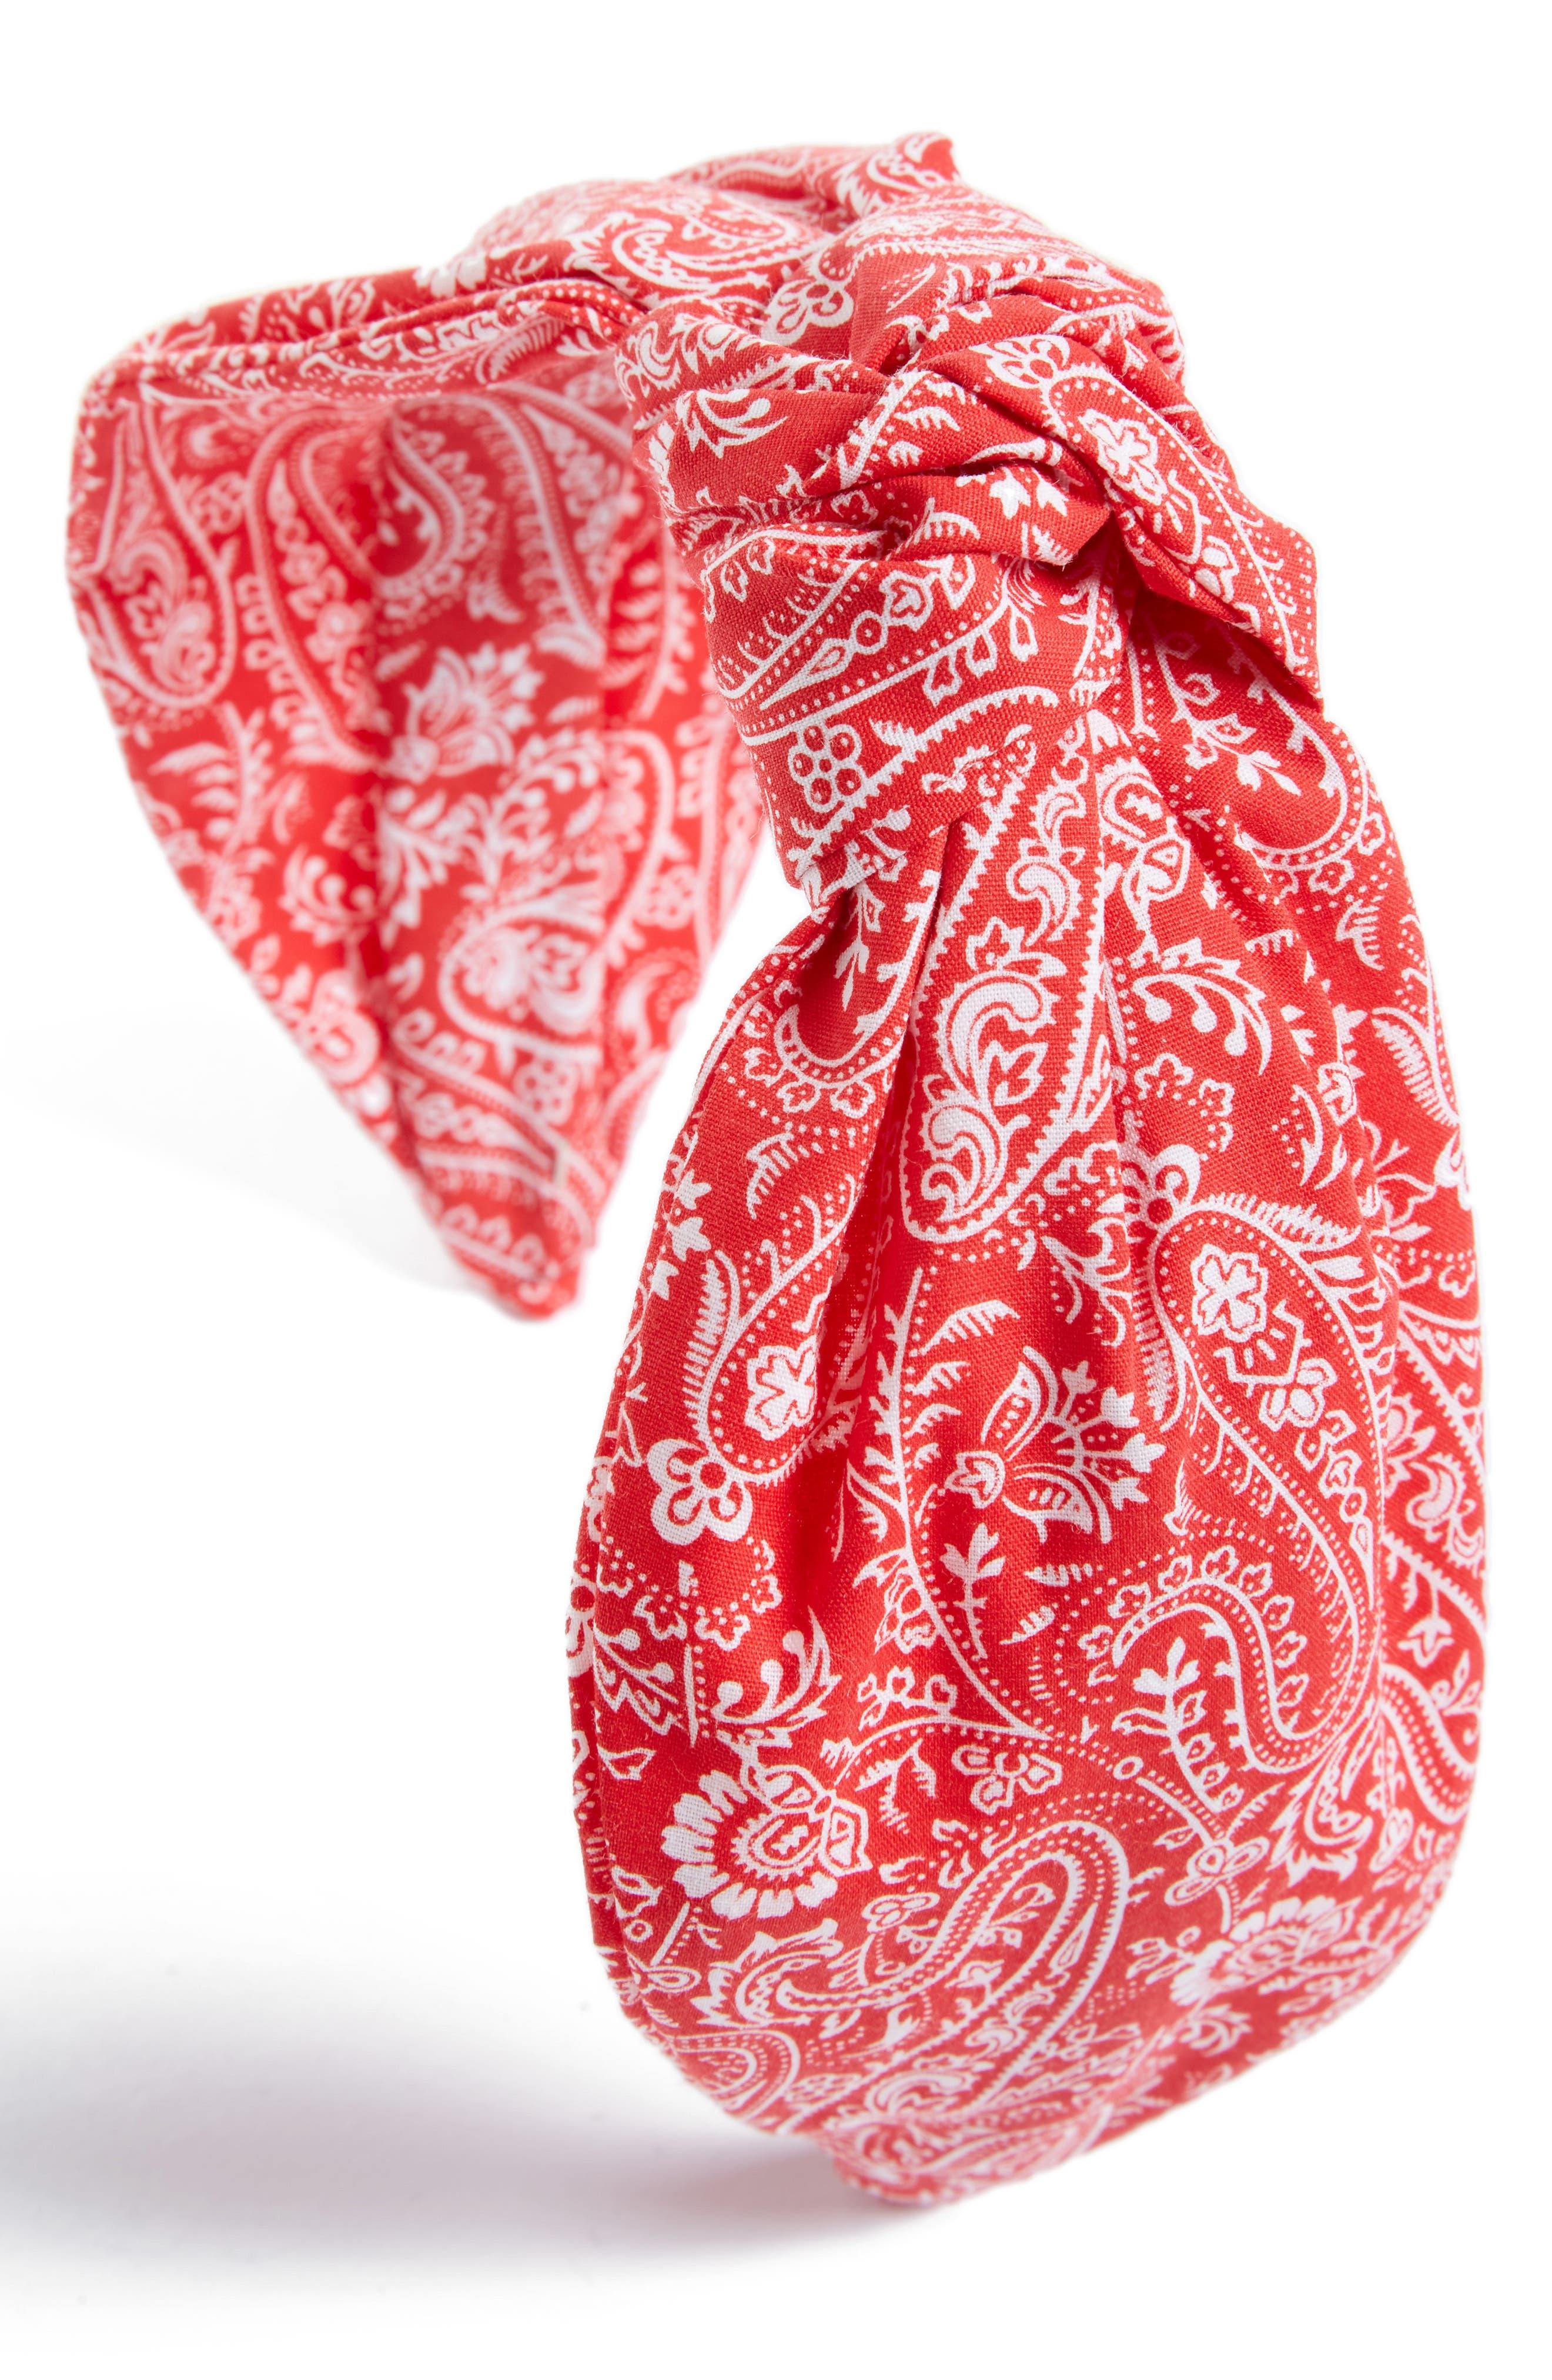 Main Image - Tasha Paisley Turban Knot Headband